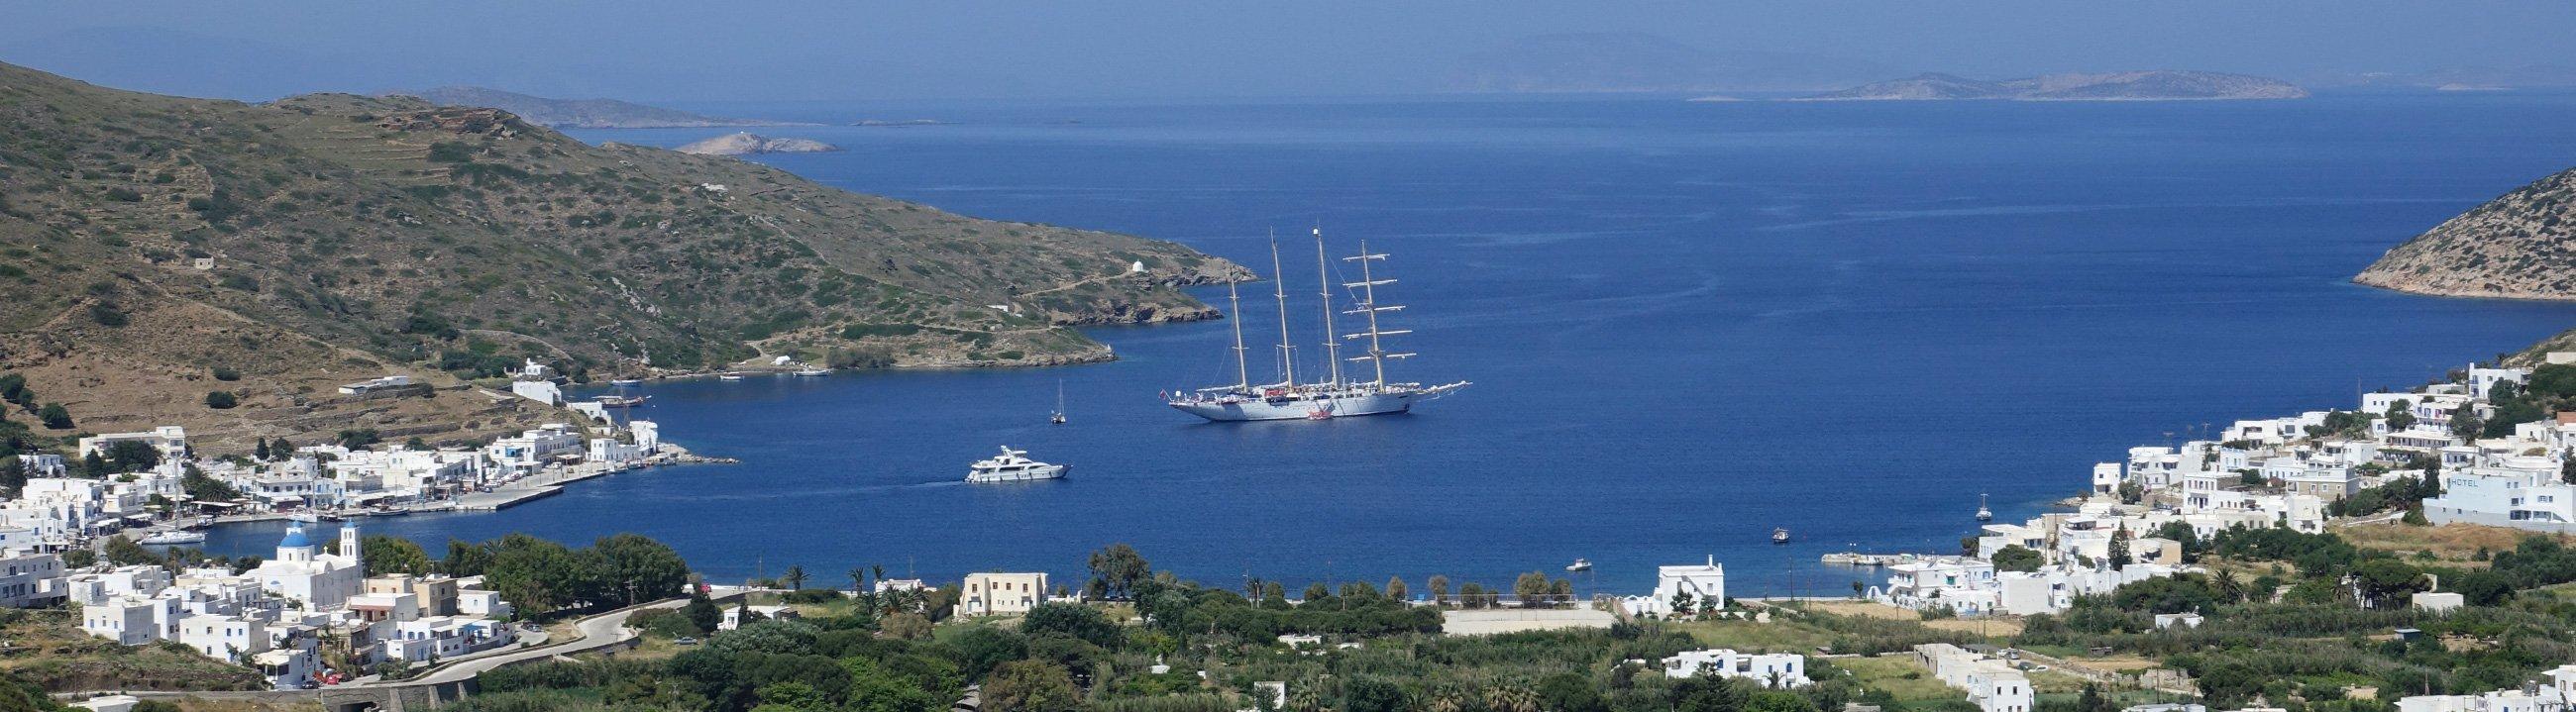 Ösliches Mittelmeer Star Flyer Amorgos